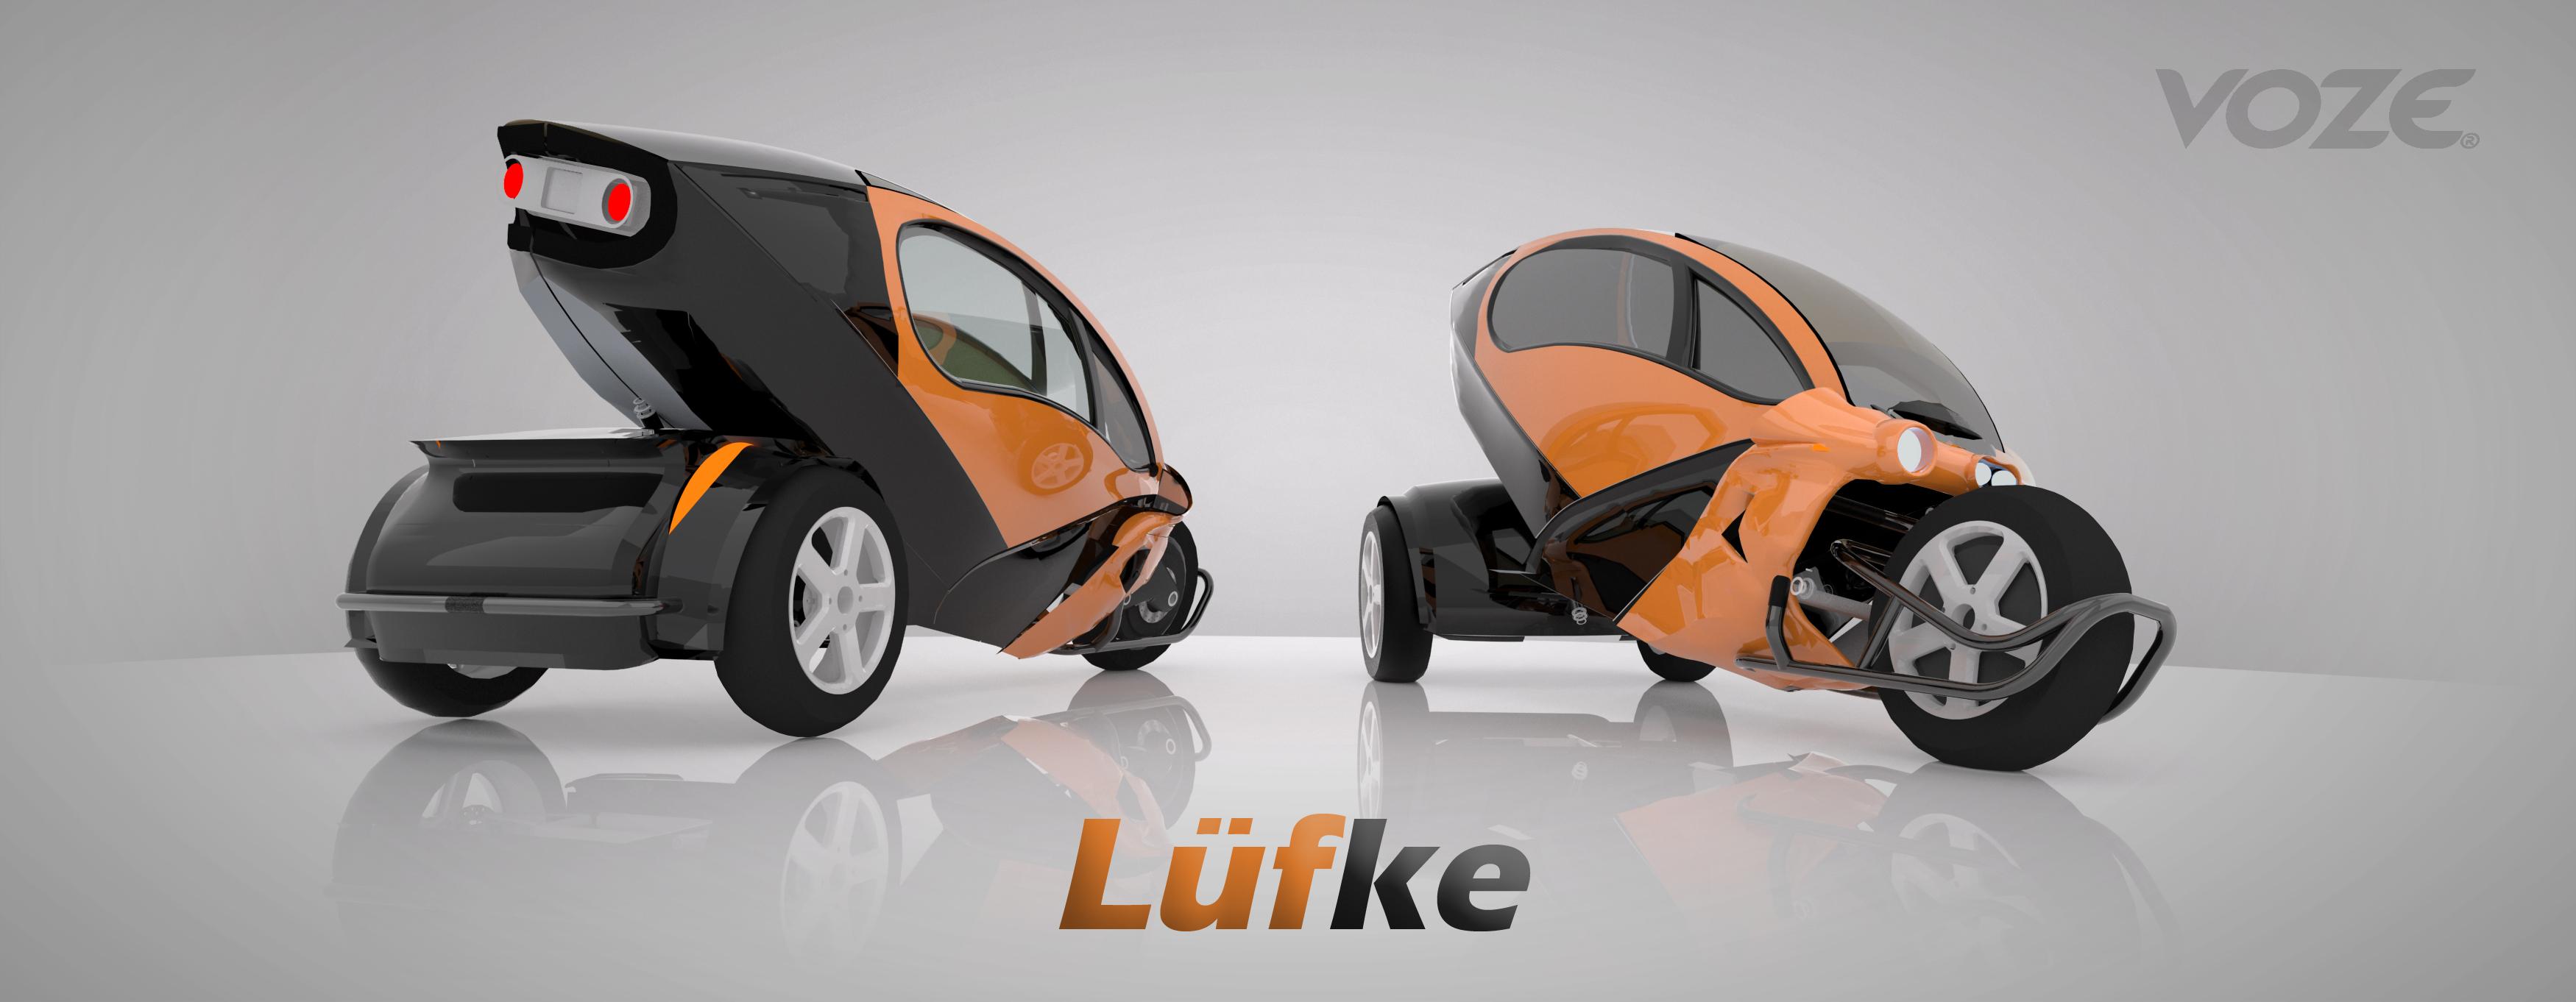 LUFKE-ENTREGA-B